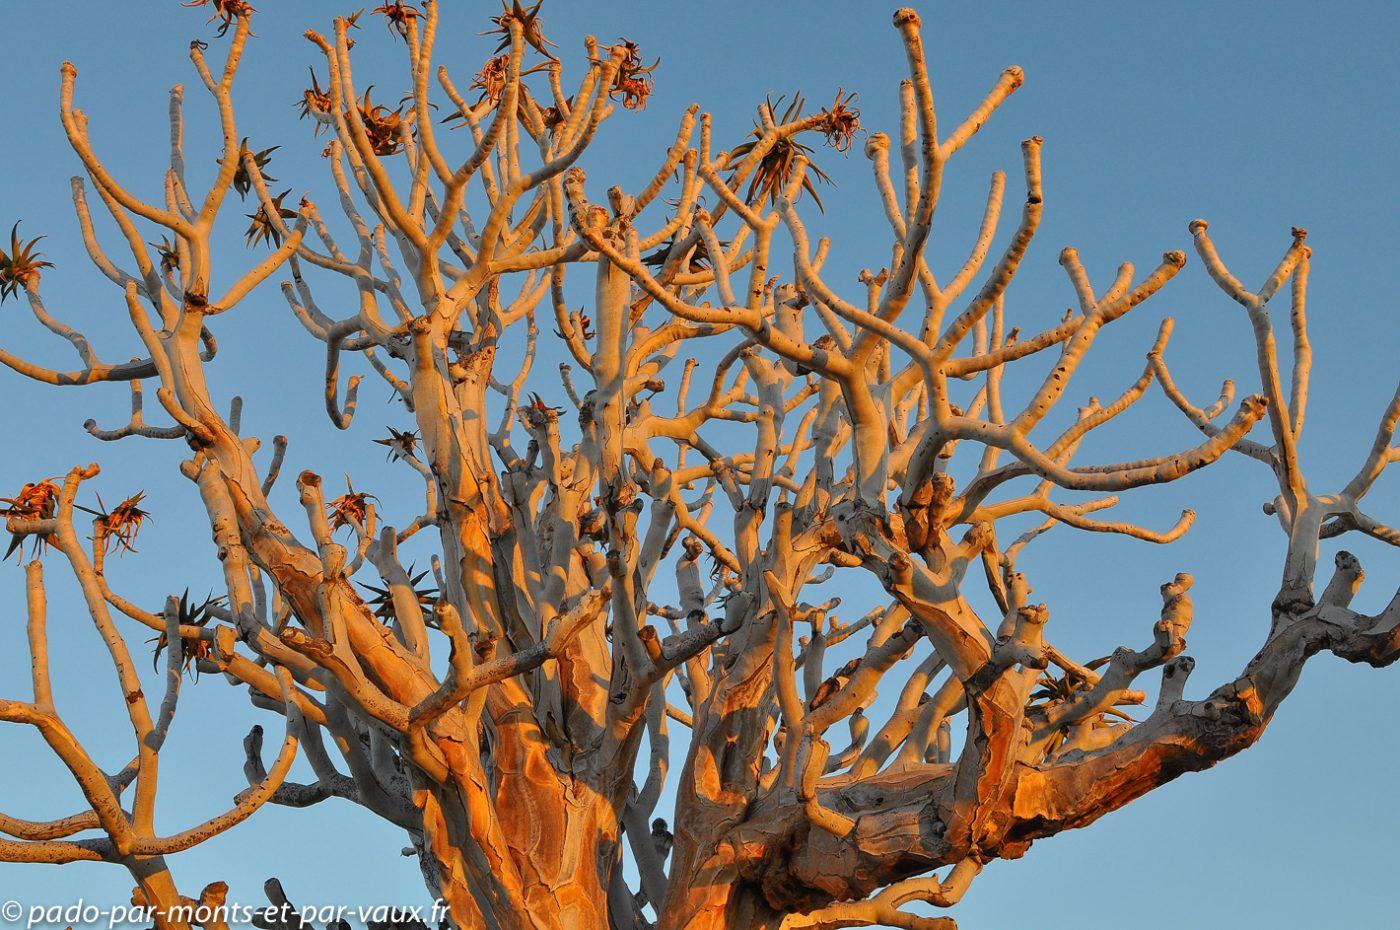 Parc du Gondwana - Arbre à carquois